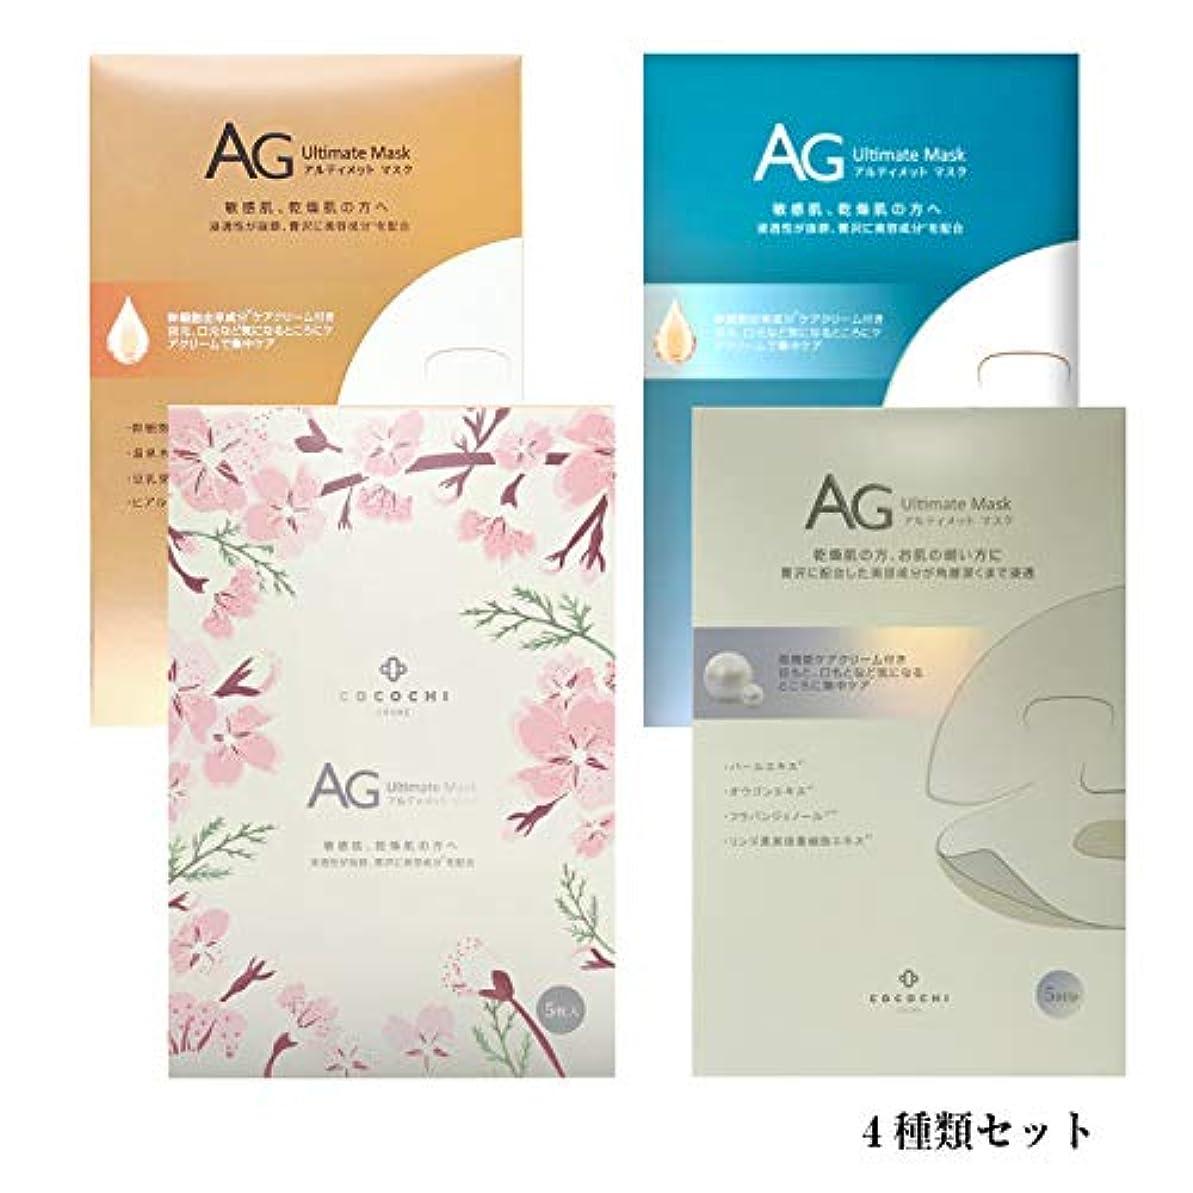 指定する悪行ミスAGアルティメットマスク 4種類セット AG アルティメットマスク/オーシャンマスク/さくら/アコヤ真珠マスク